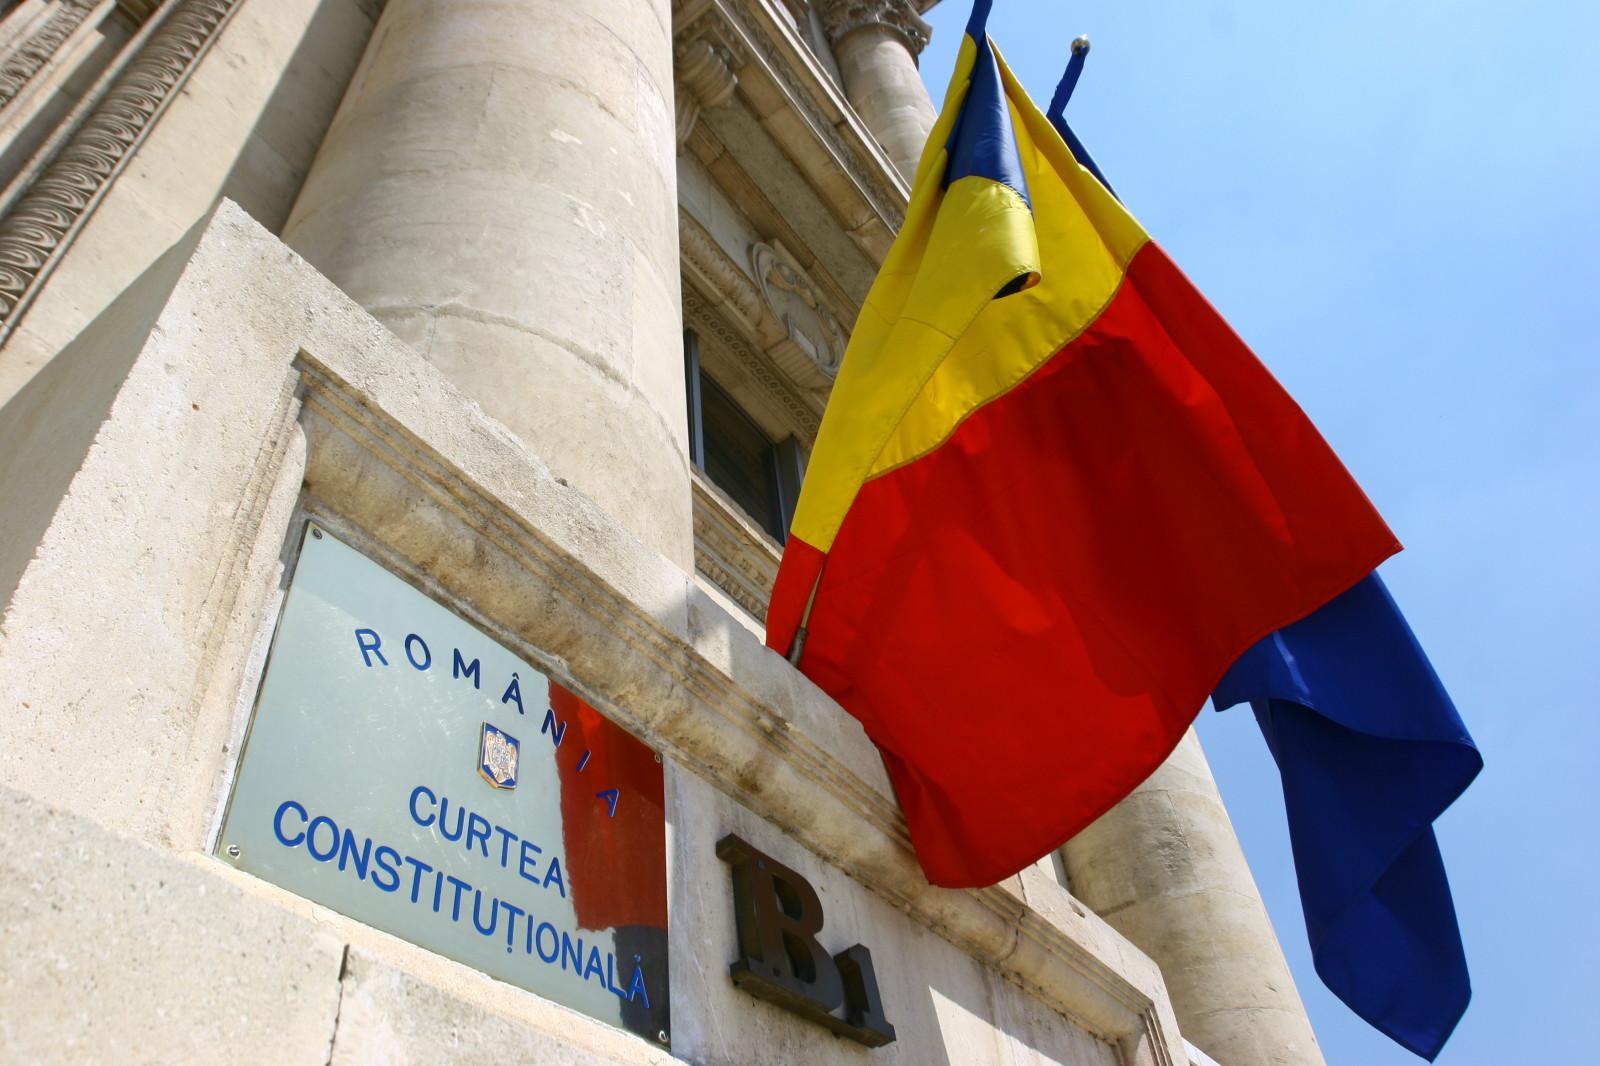 curtea-constitutionala-ccr_62ub1tfljm